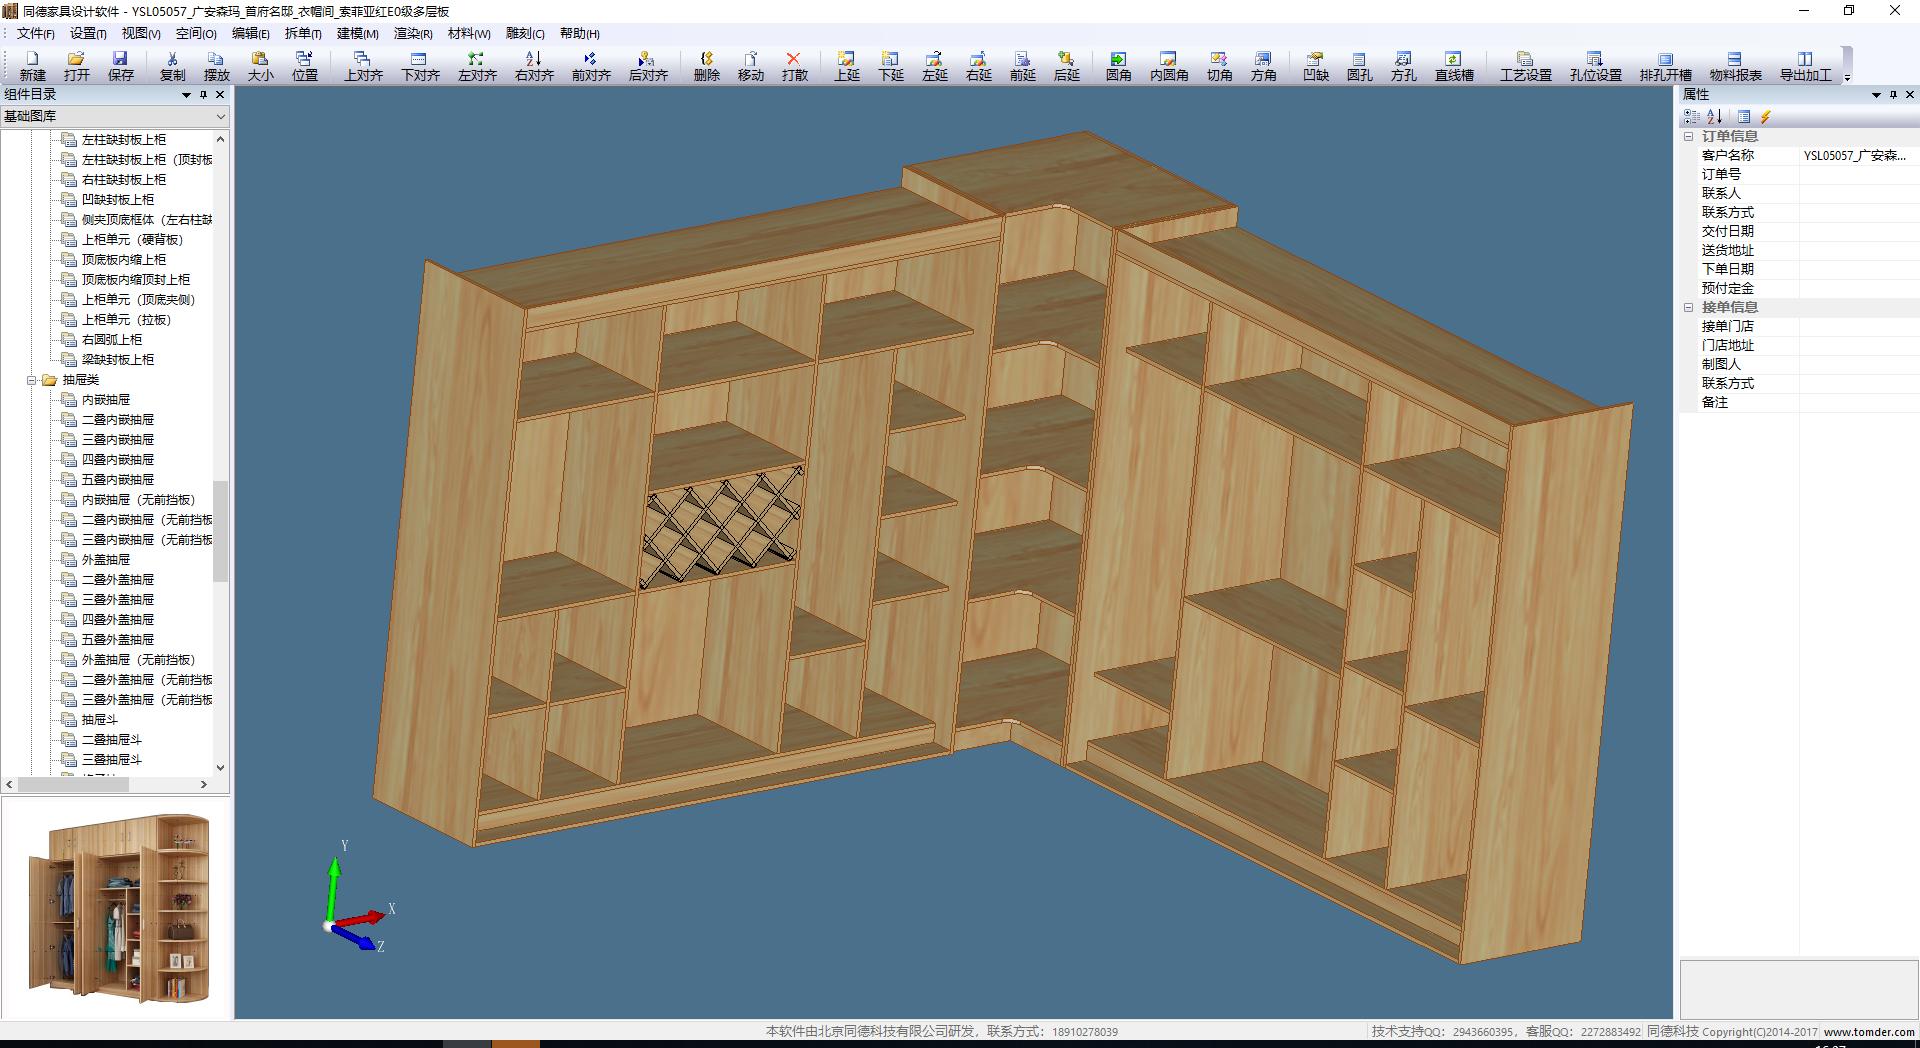 同德板式家具拆单生产软件7.0云正式版